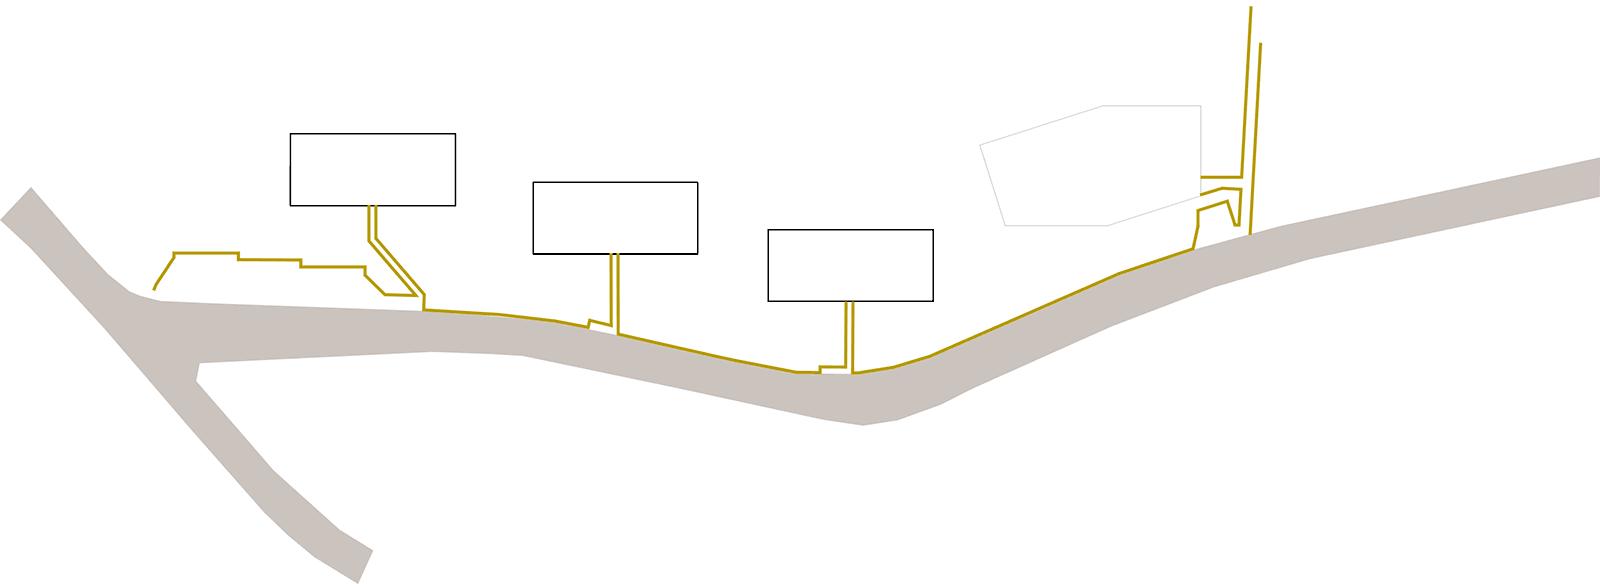 """Entwurfsskizze """"Seilschaft"""" Neubau Mehrfamilienhaus im Eichhölzli Biel/Bienne"""